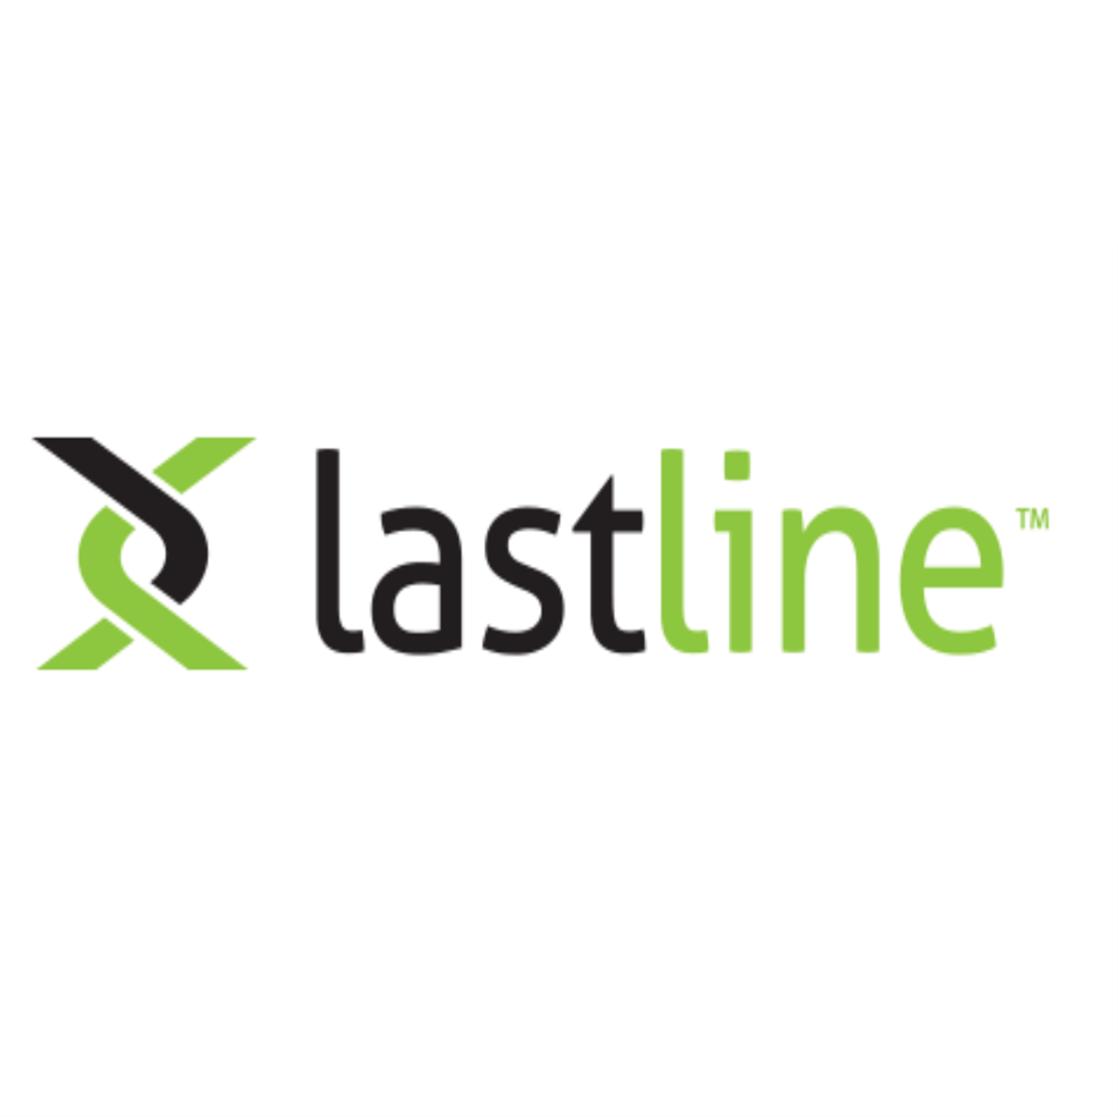 Lastline Email Defender